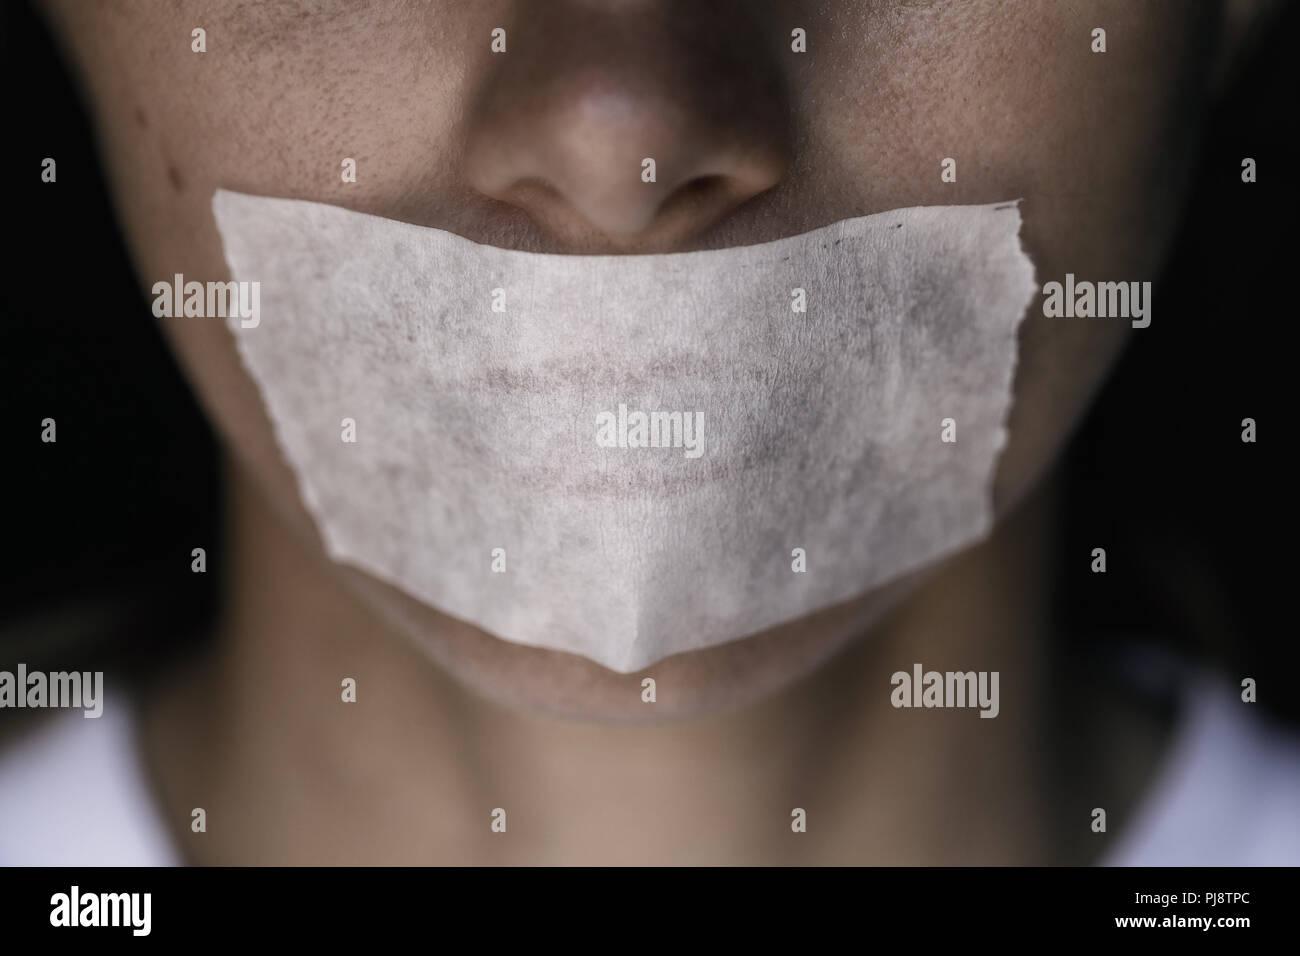 Zensur in der modernen Welt: Mund ist ein Mann mit einem Klebeband verschlossen, close-up Stockbild